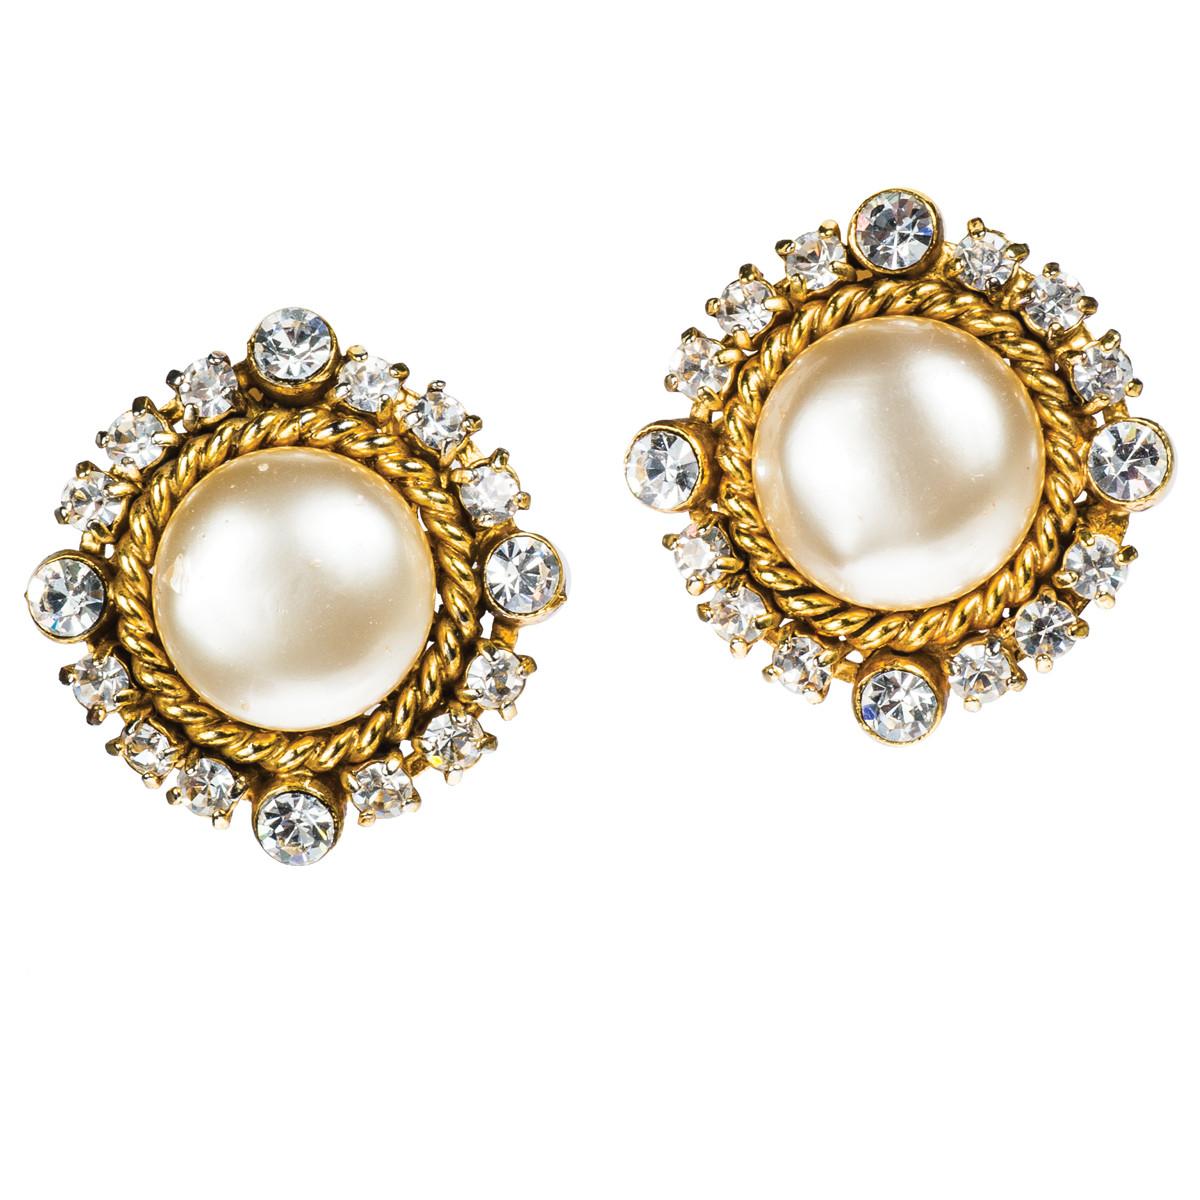 Vintage Chanel Pearl and Rhinestone Rope Earrings